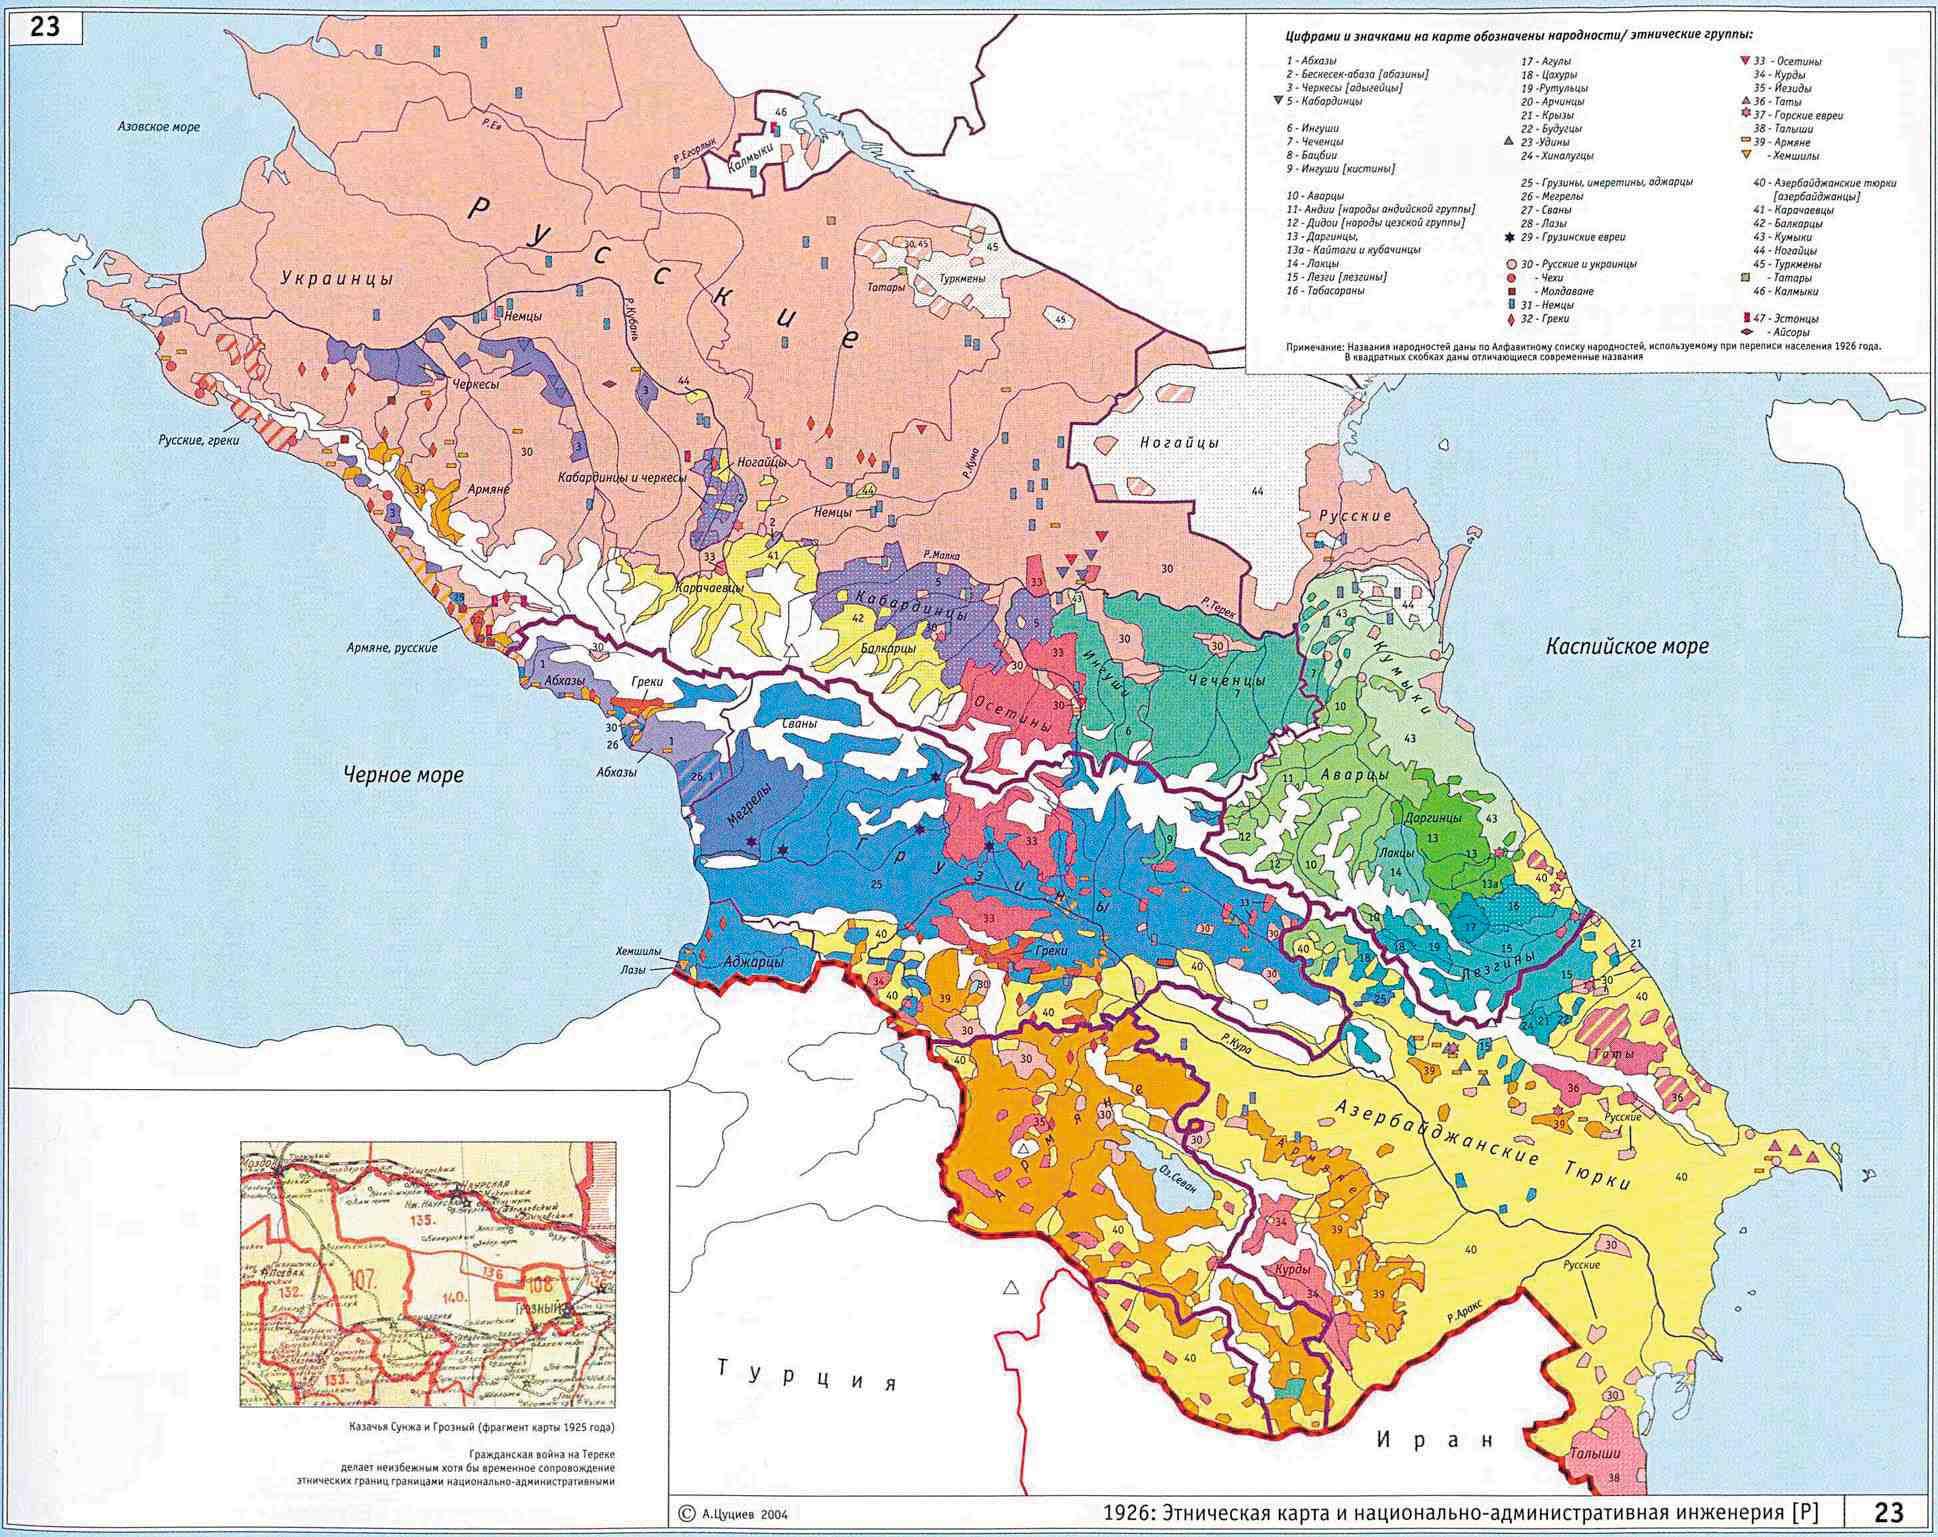 Этническая ситуация на Кавказе в начальный период советской власти.